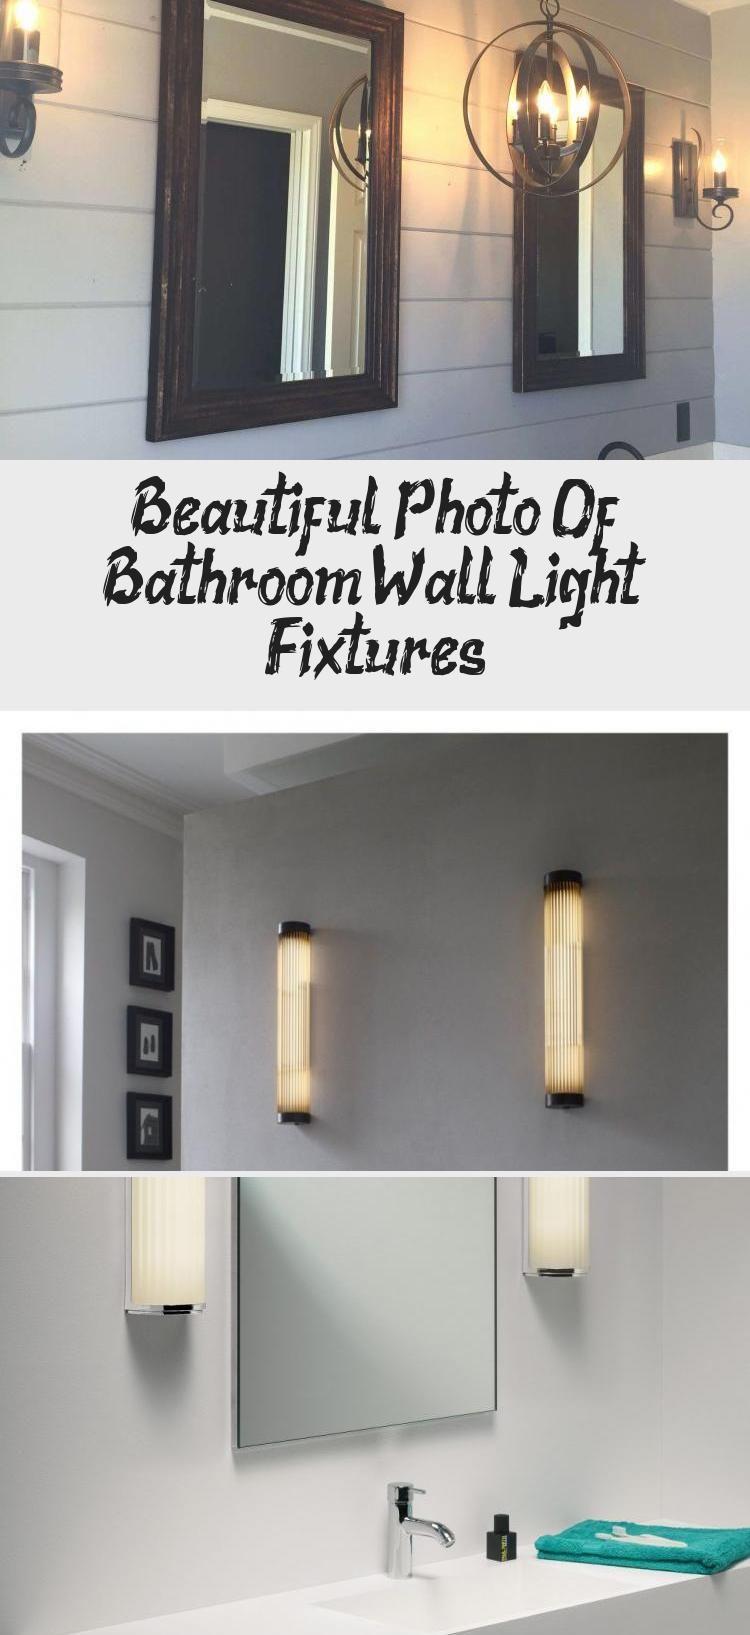 Photo of Beautiful Photo Of Bathroom Wall Light Fixtures – Bathroom